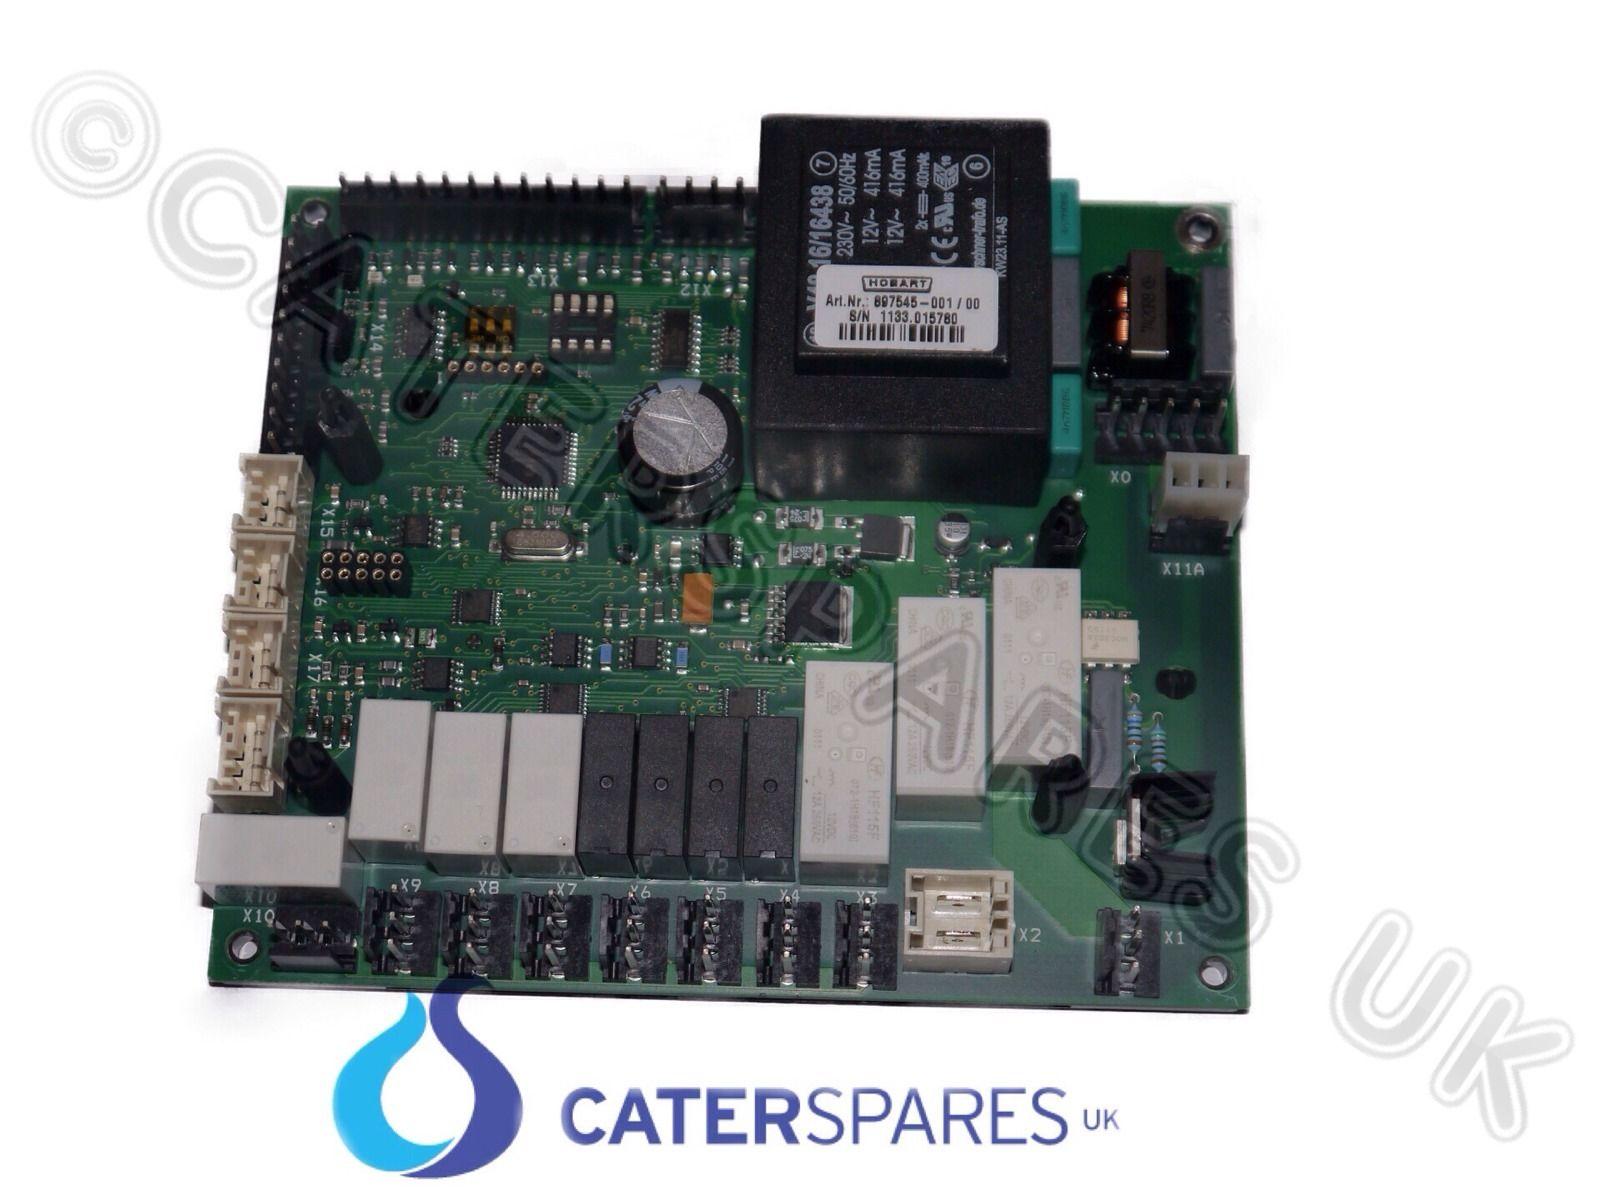 897545-1 HOBART DISHWASHER CONTROL UNIT WITHOUT EPROM ELECTRONIC PCB ...